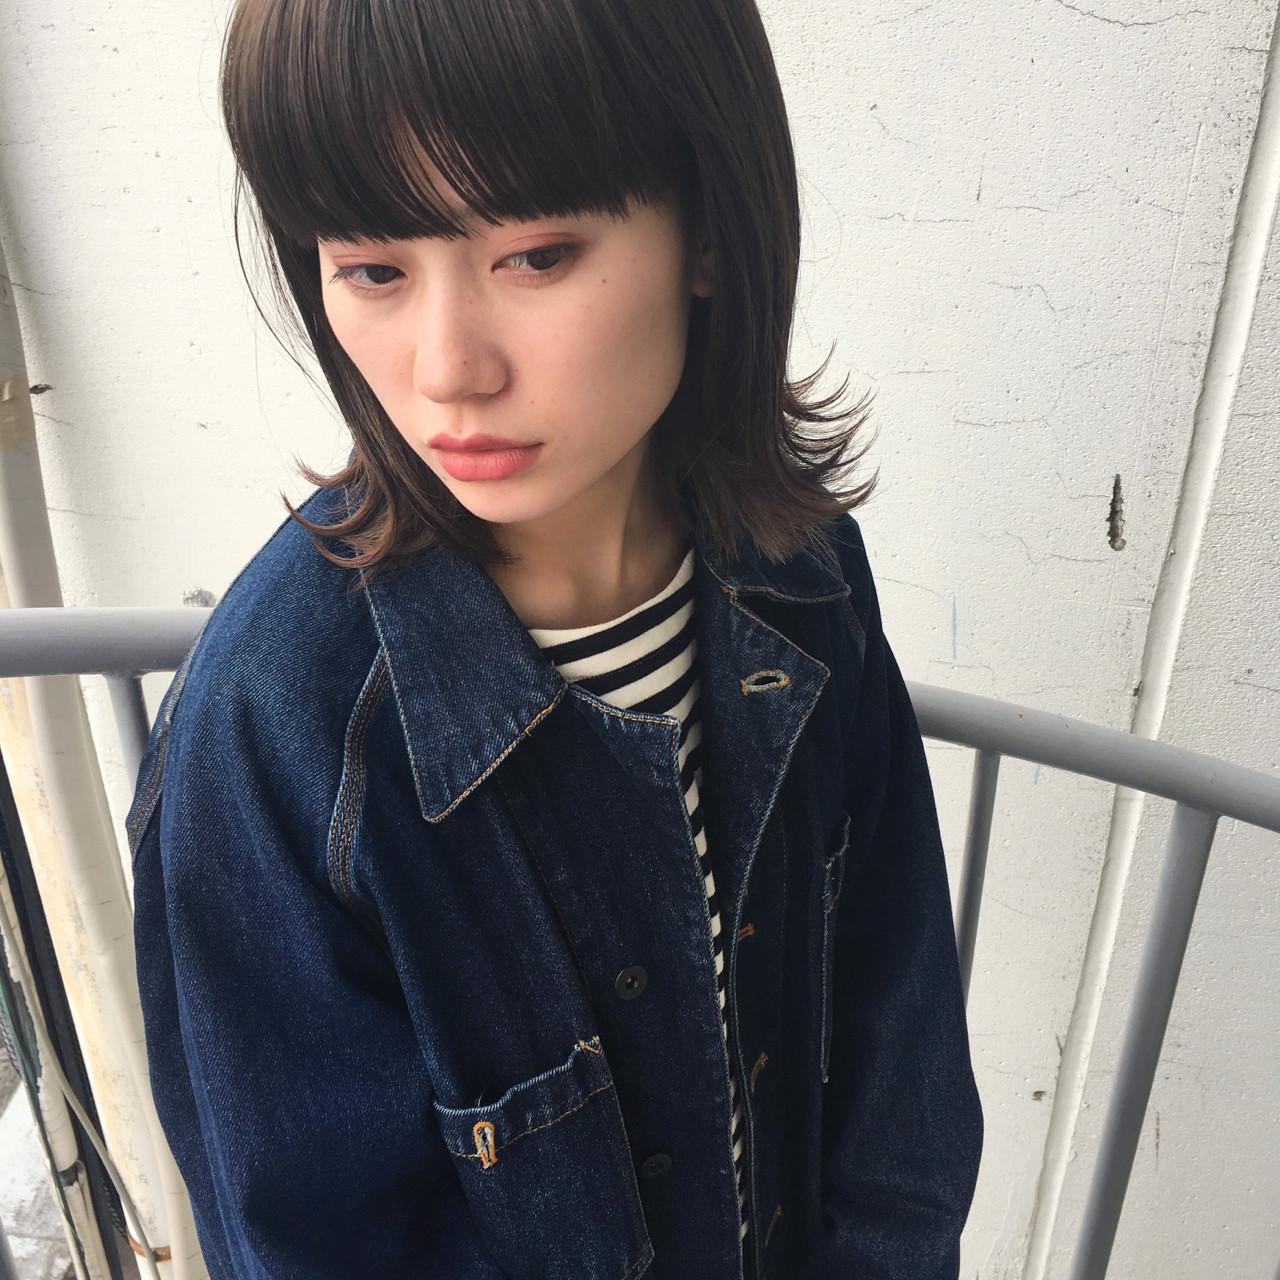 ショートボブ ストリート ボブ 切りっぱなし ヘアスタイルや髪型の写真・画像 | KEISUKE 【フリーパーソナルカラリスト】 / BellaDolce free-lance